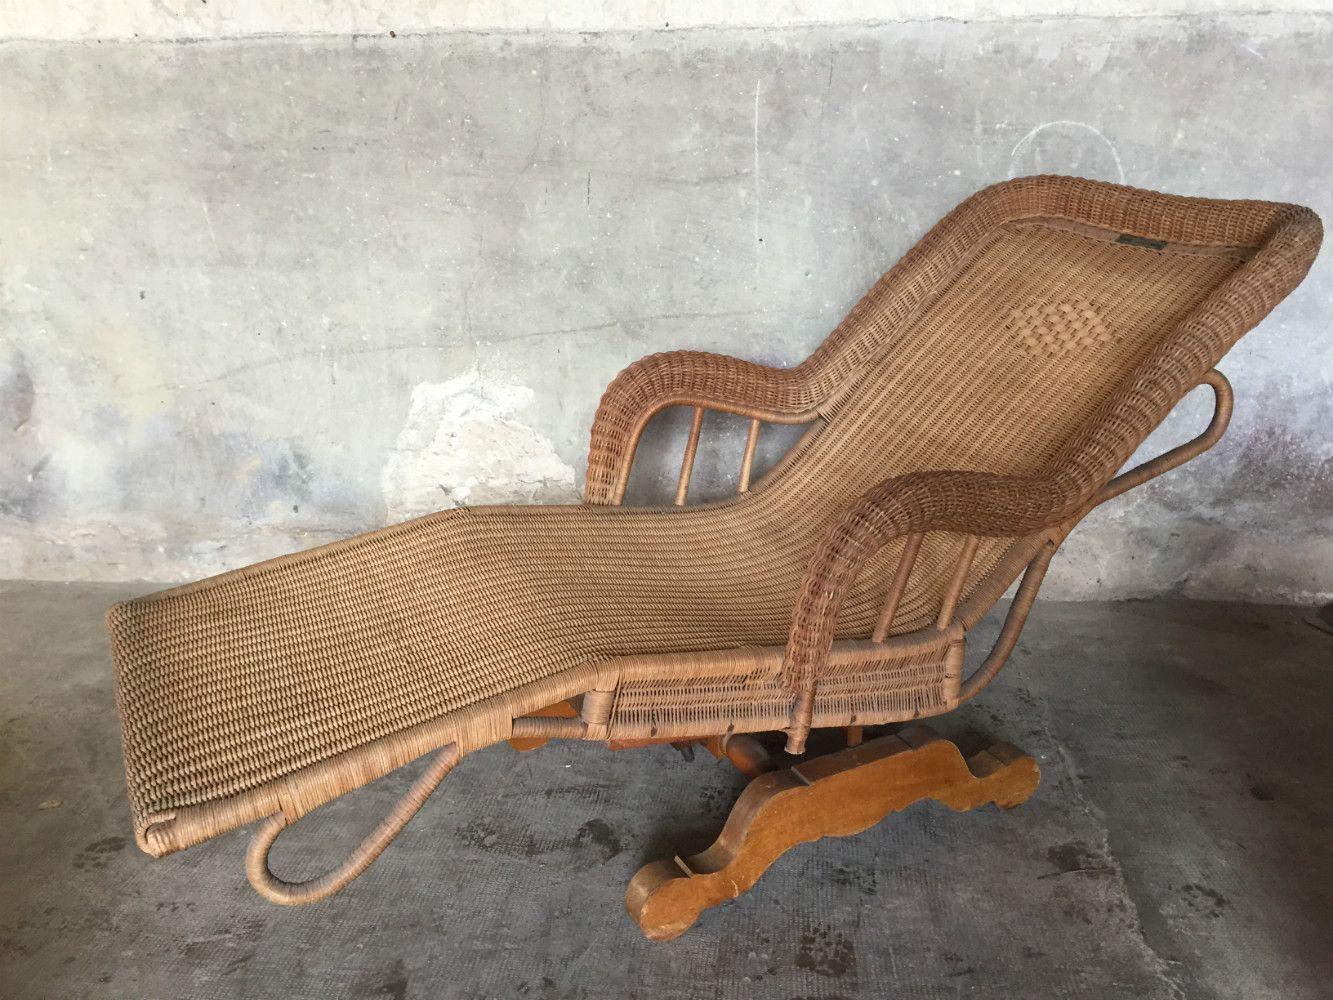 chaise longue en rotin par pascaud charlotte perriand france 1930s en vente sur pamono. Black Bedroom Furniture Sets. Home Design Ideas